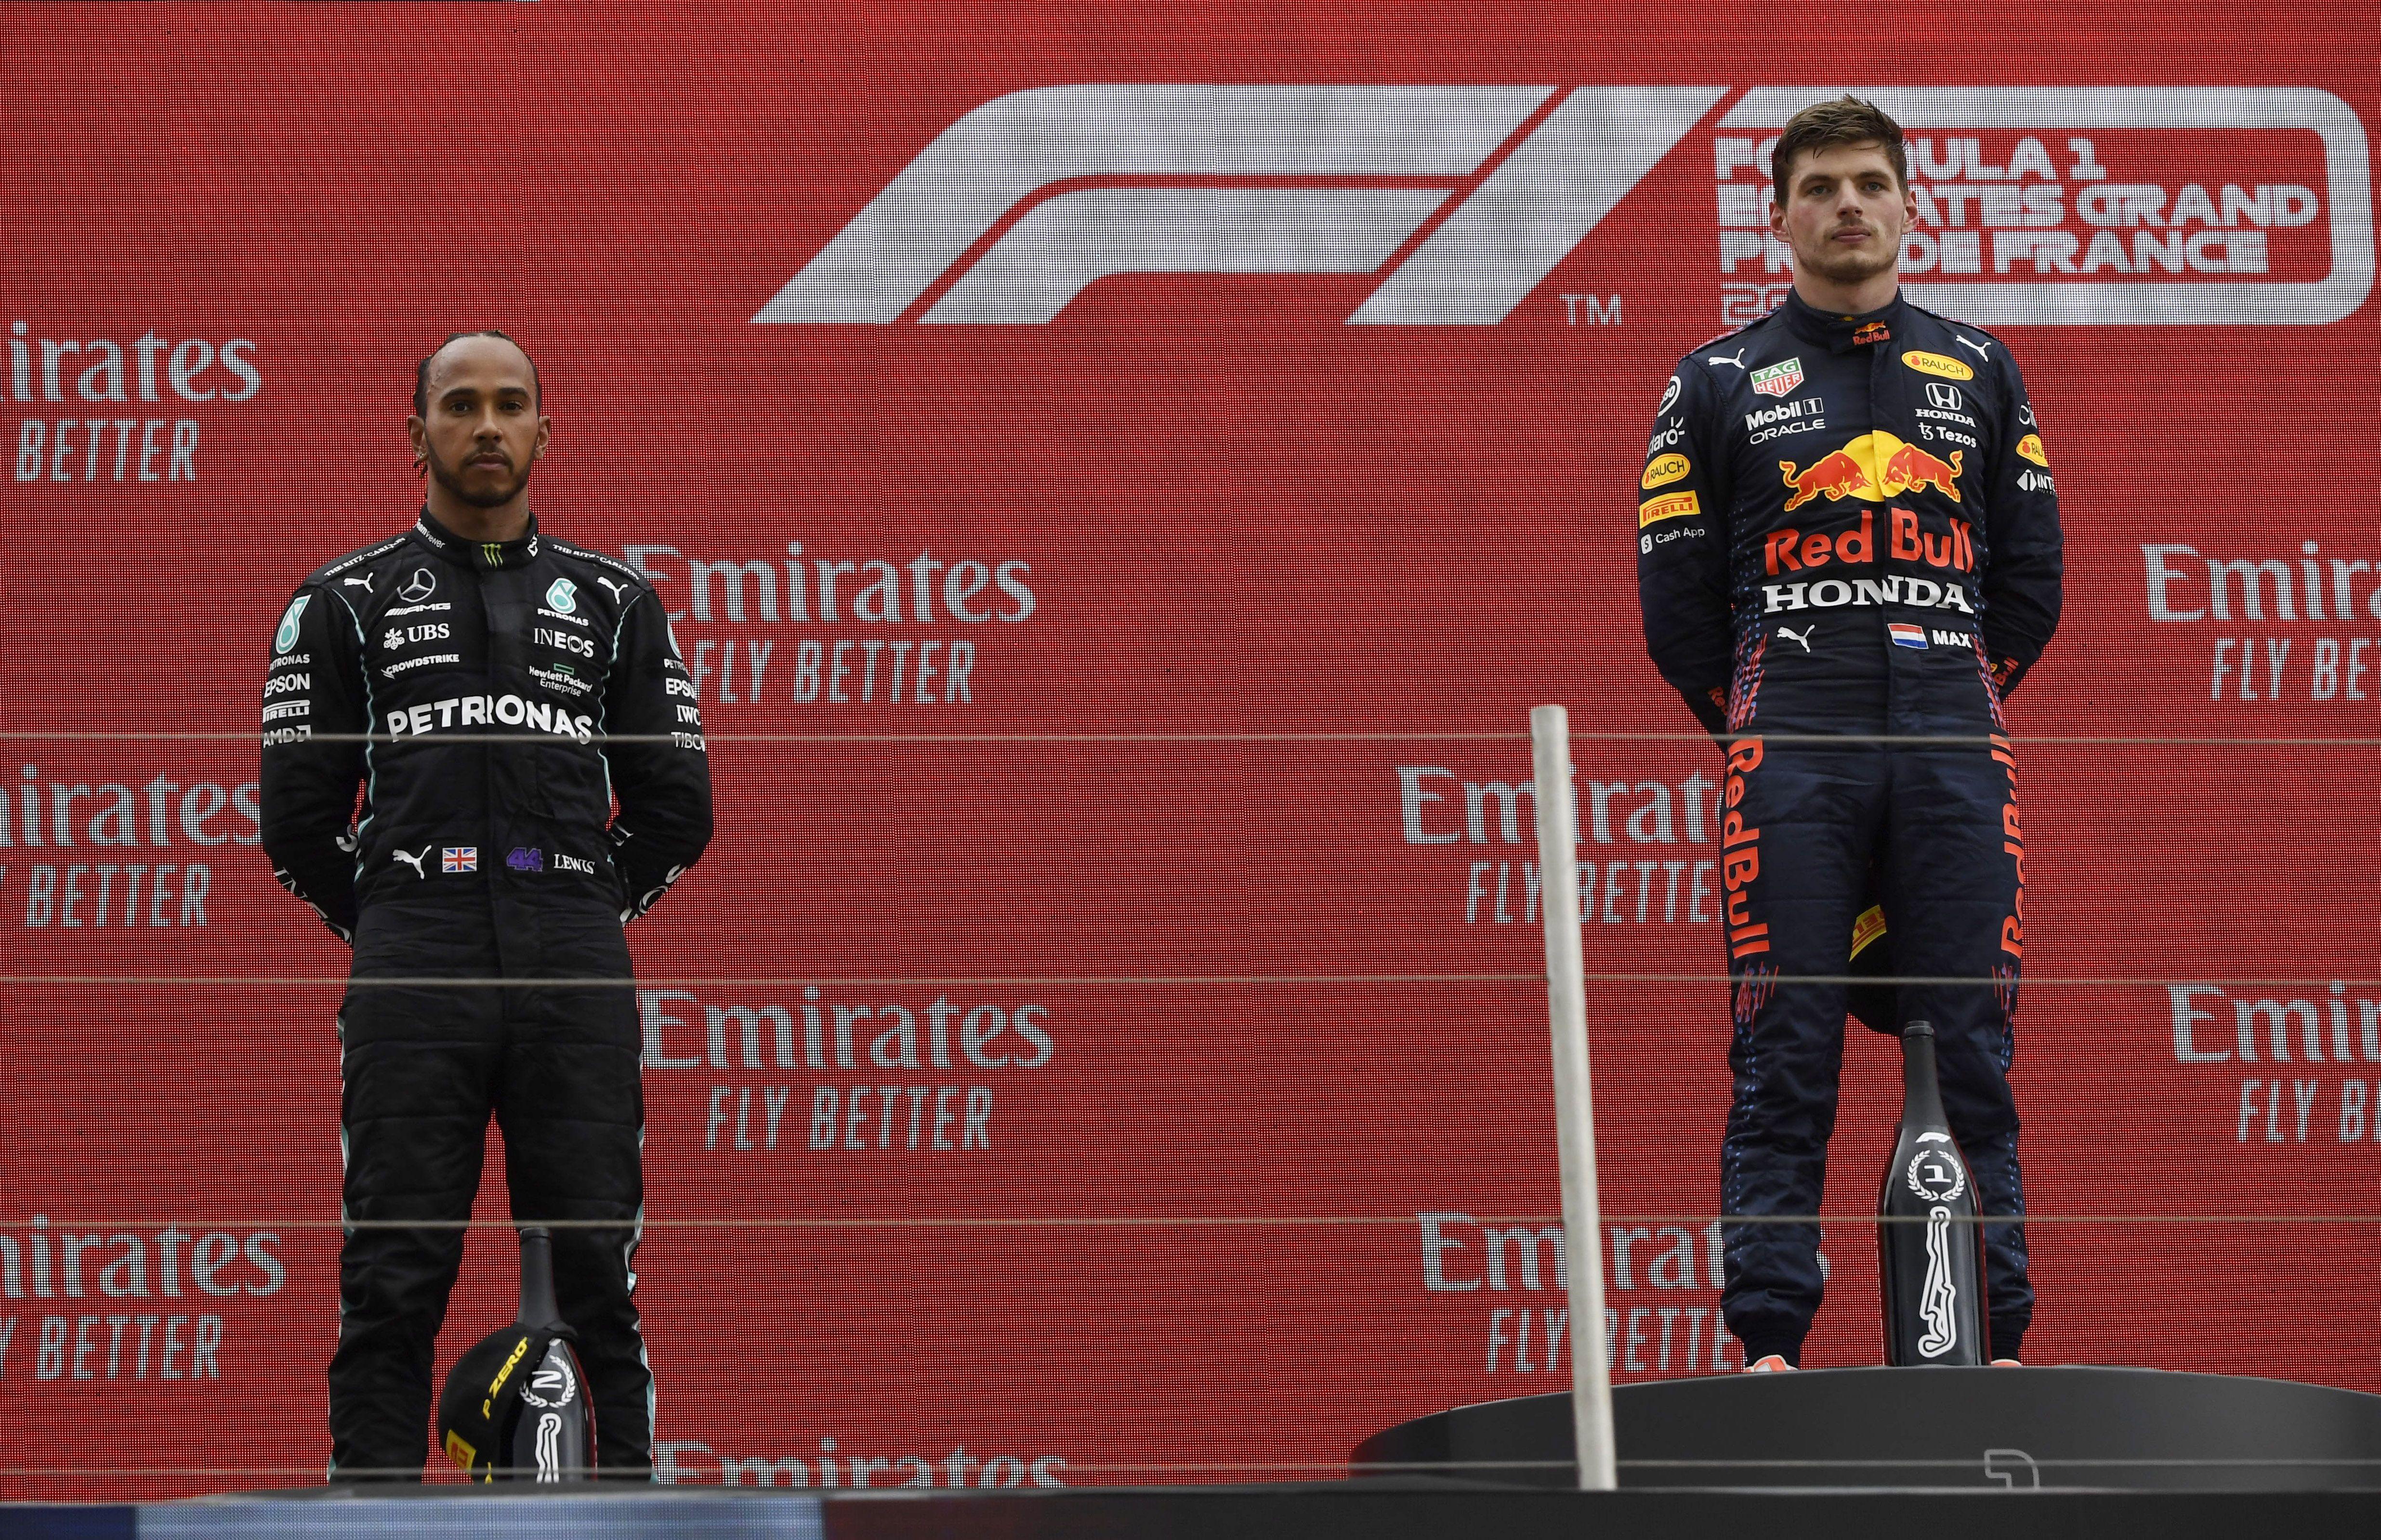 En 2021, Max Verstappen ganó cuatro carreras, y Lewis Hamilton, tres (Reuters/ Nicolas Tucat)